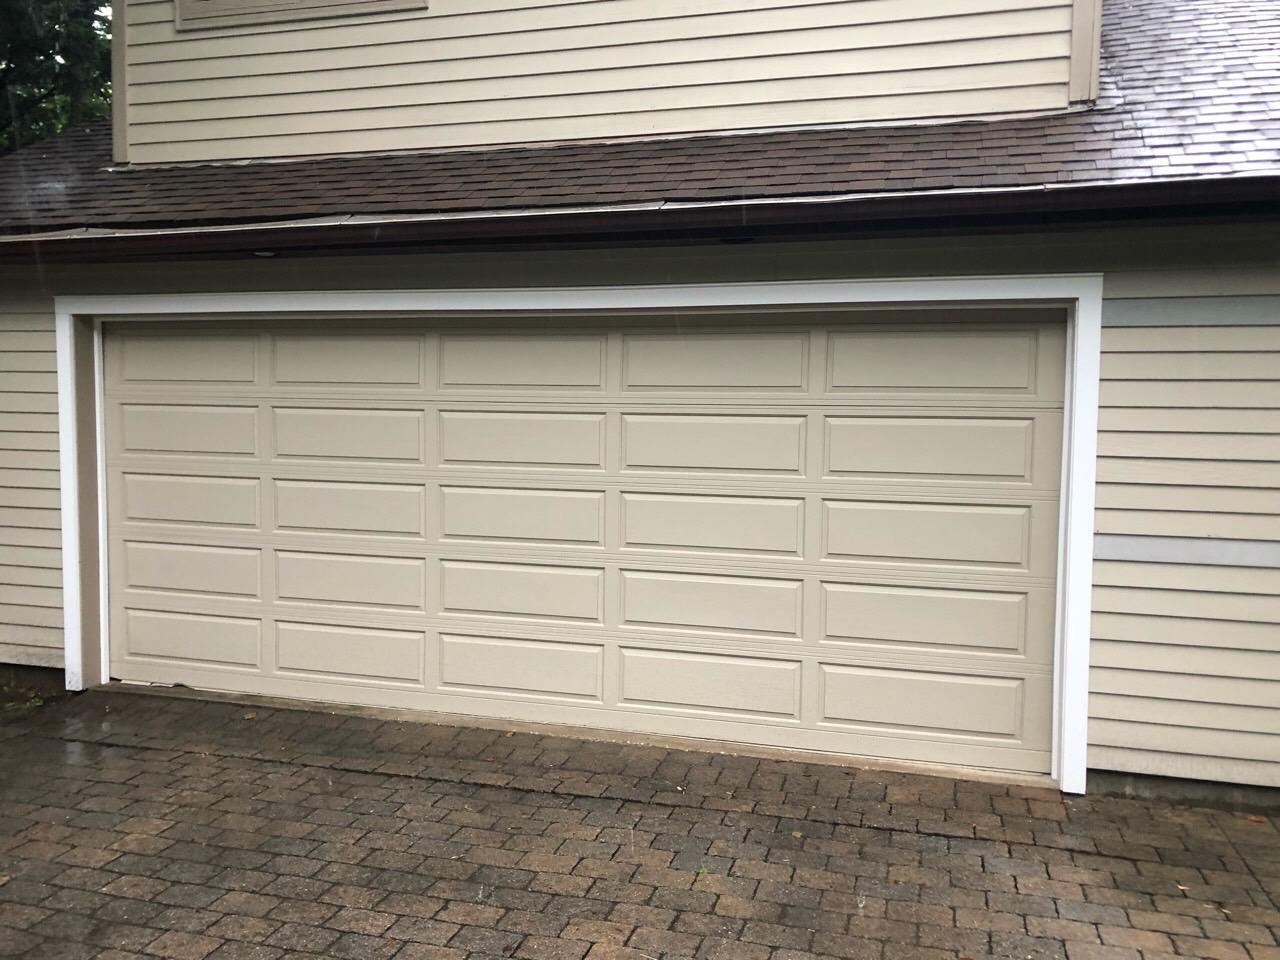 New Look for Garage Door